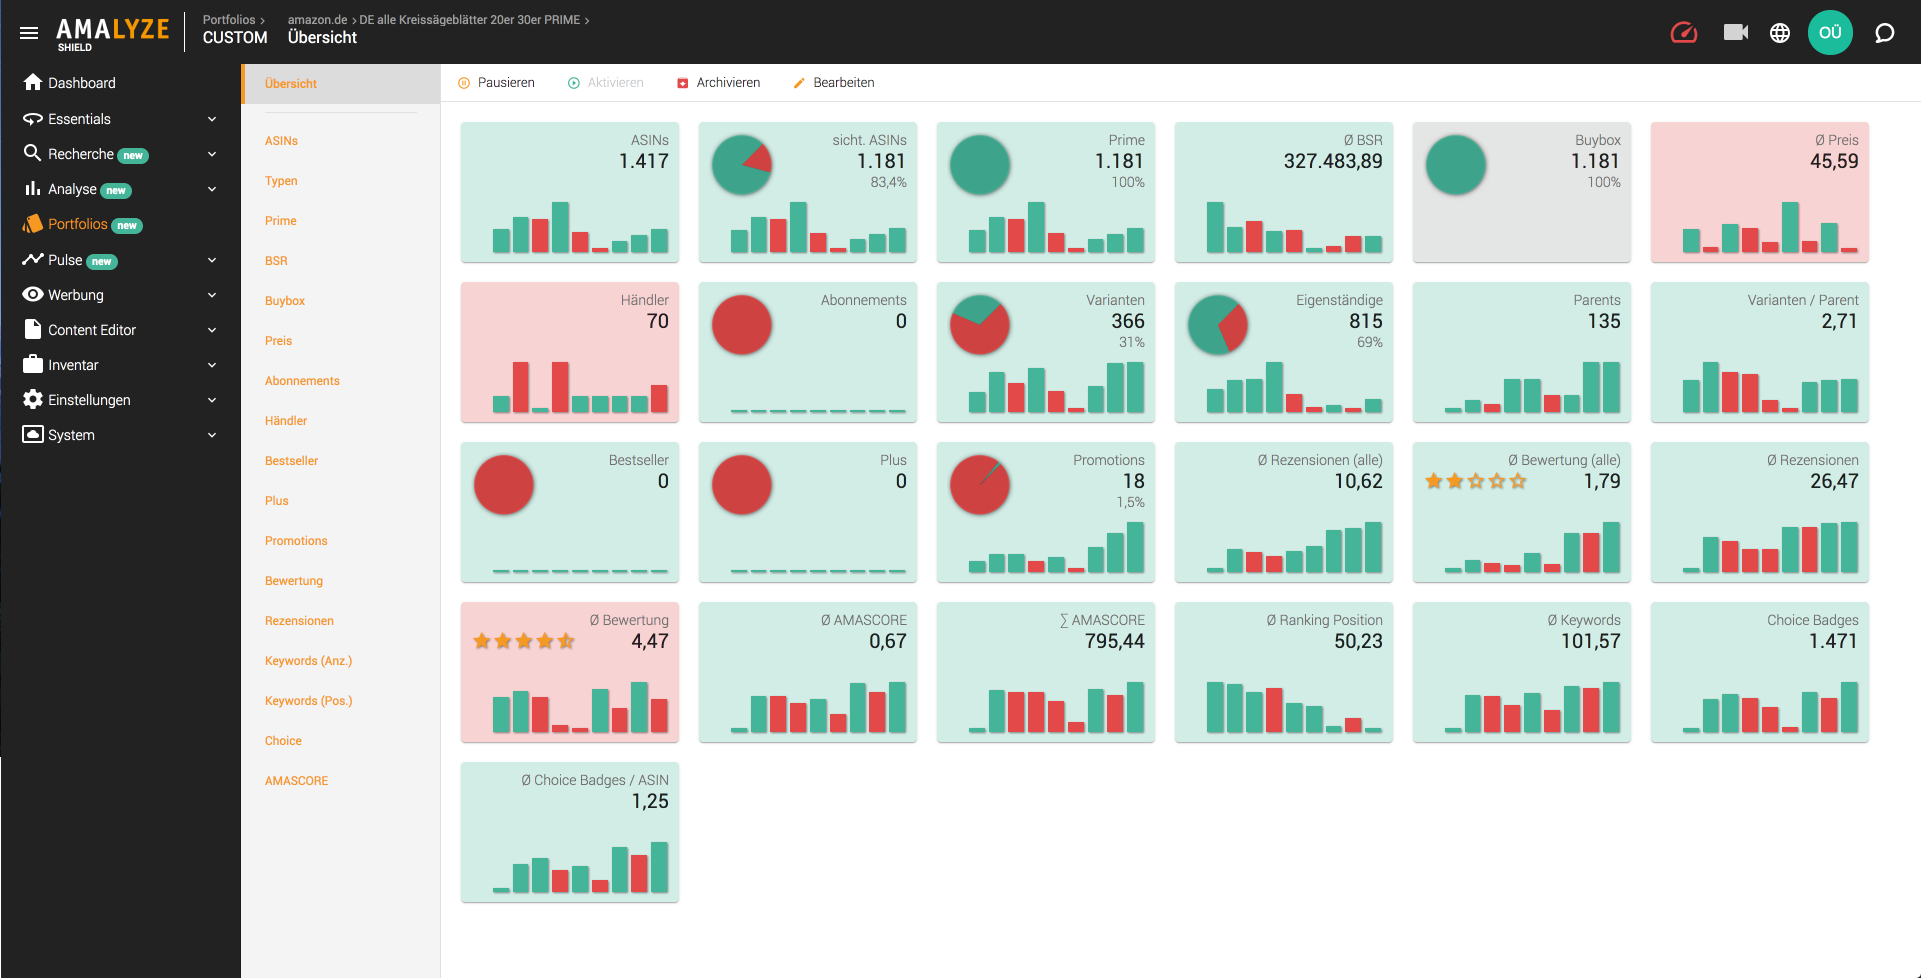 AMALYZE Shield_Einzel Portfolio Übersicht_Alle Amazon KPIs im Blick